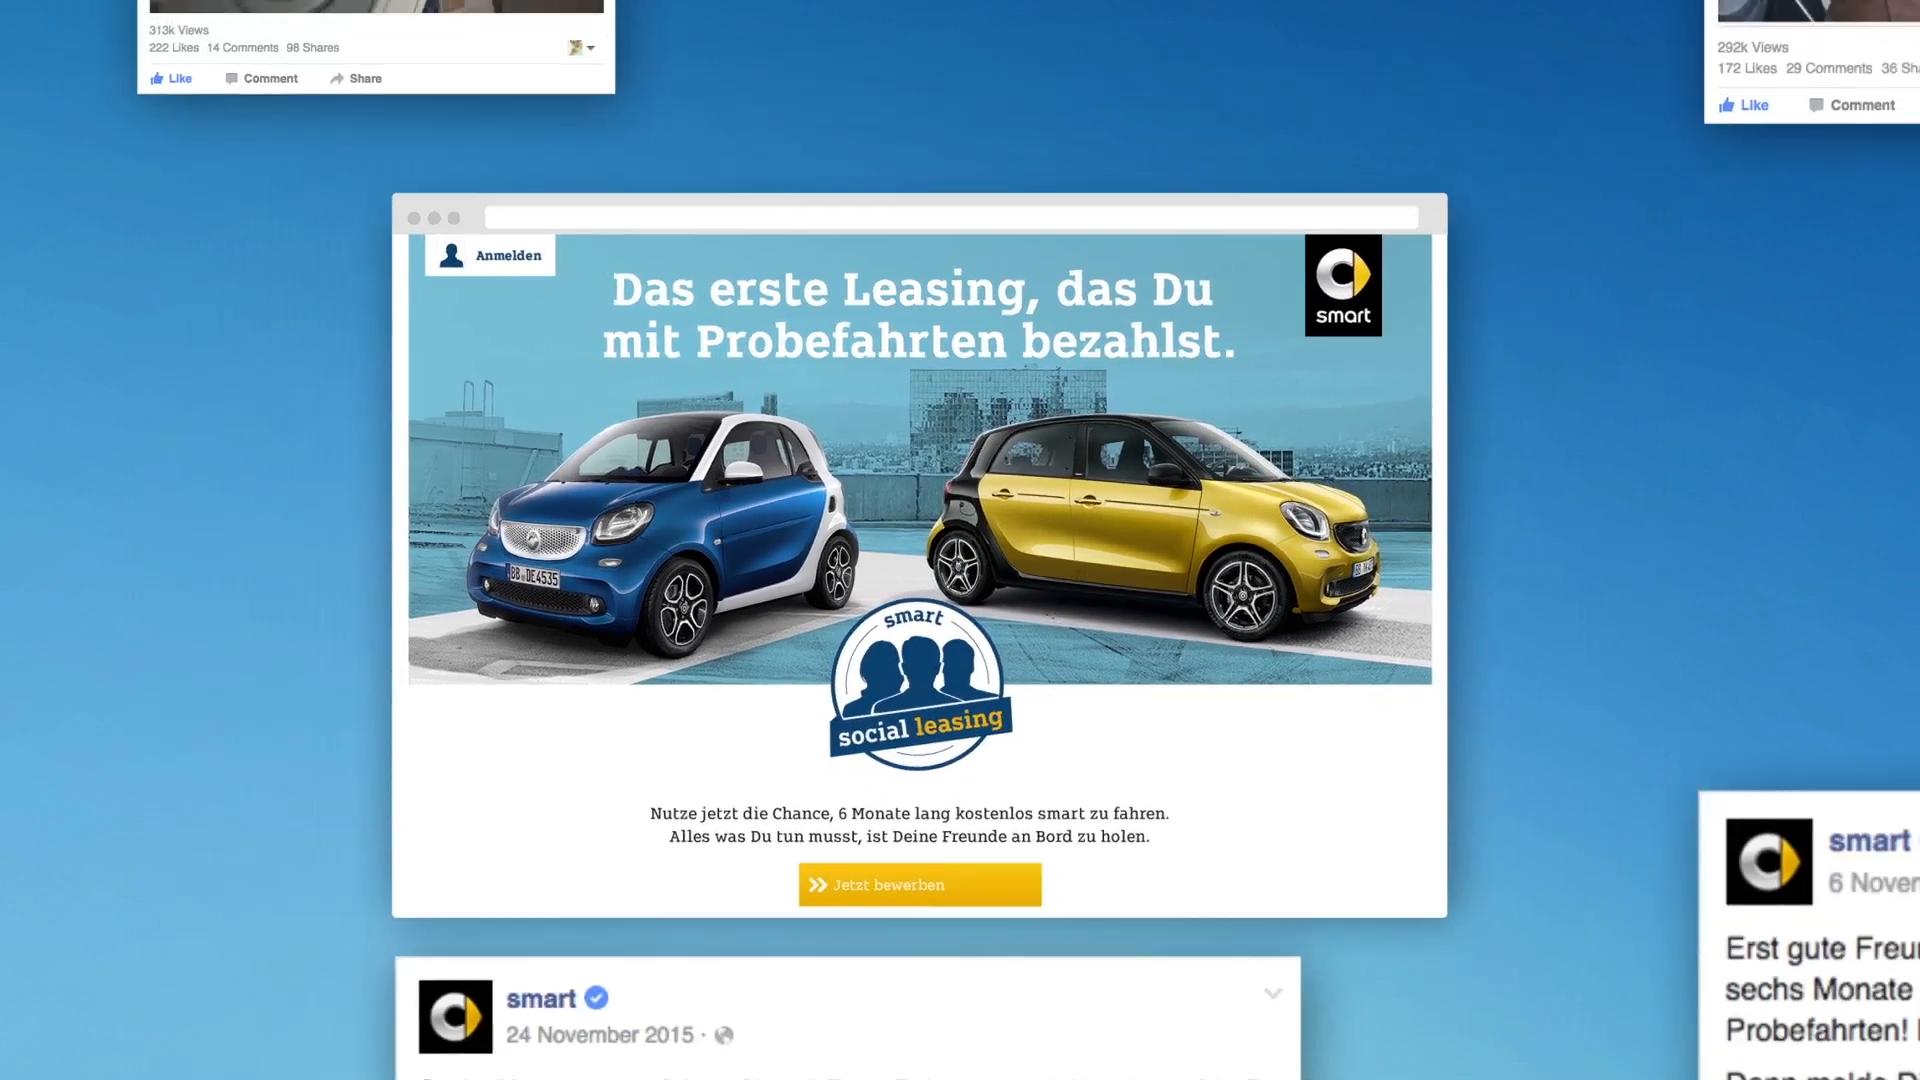 Thumbnail for smart social leasing